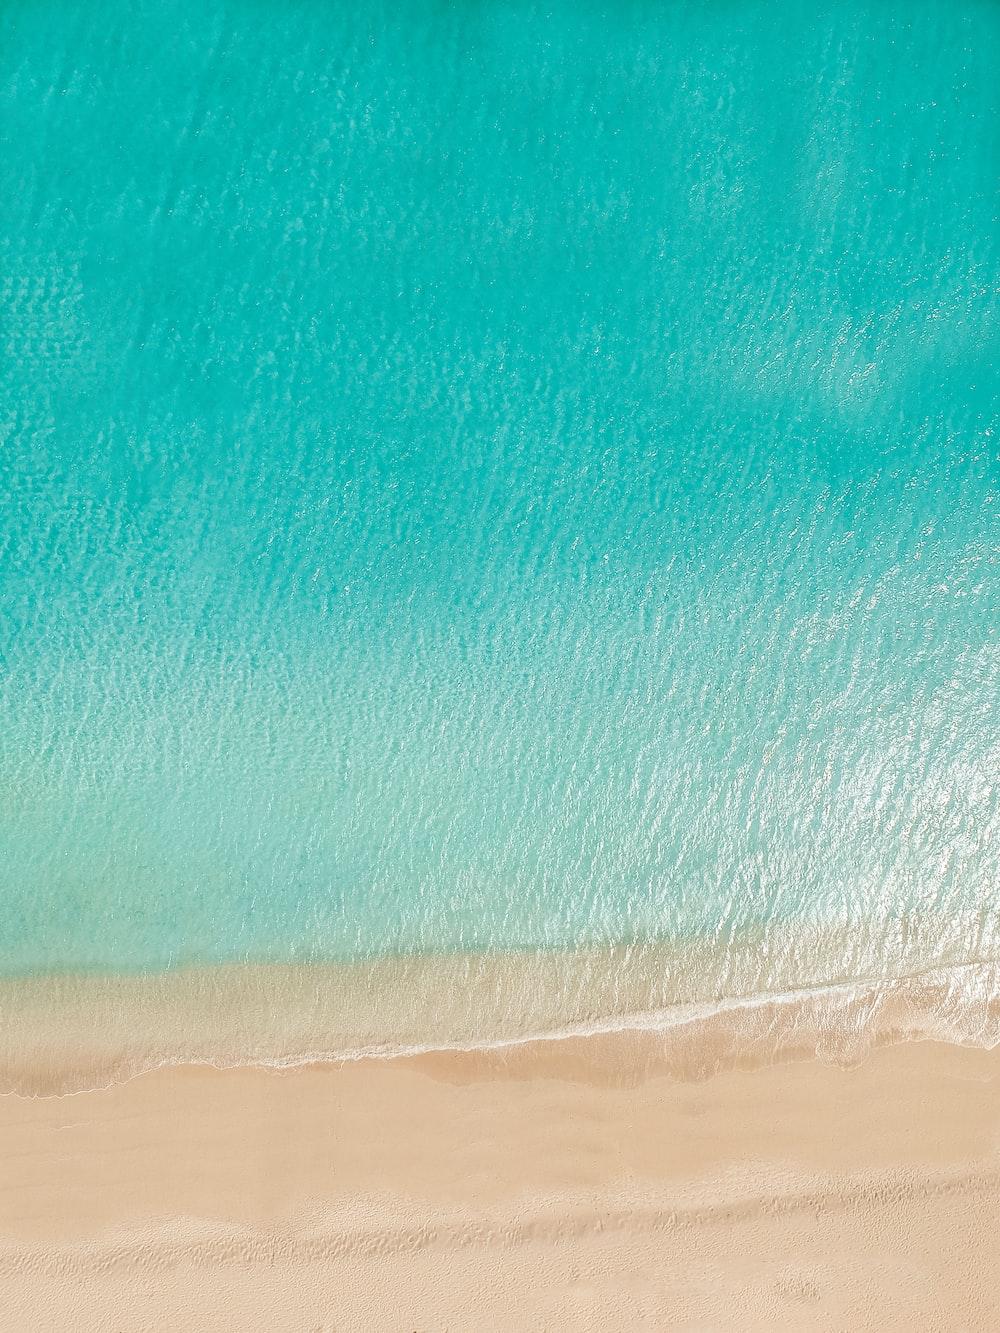 blue body of water near shore